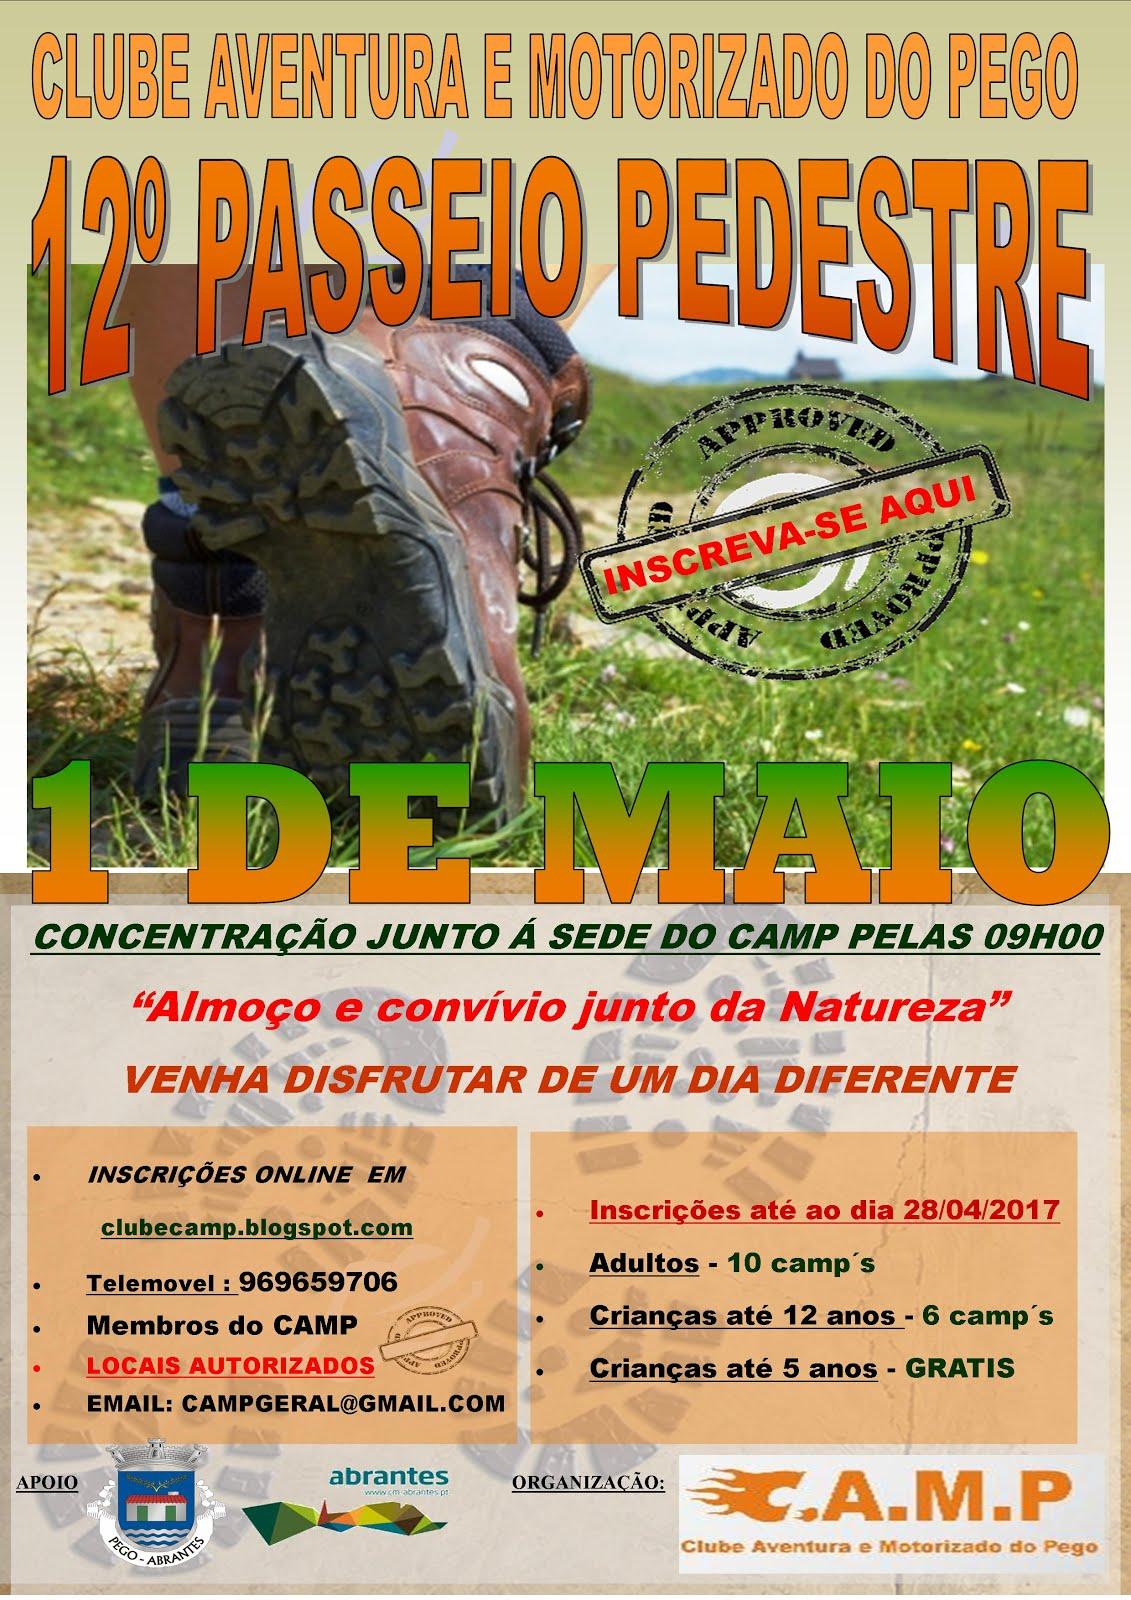 PASSEIO PEDESTRE 2017